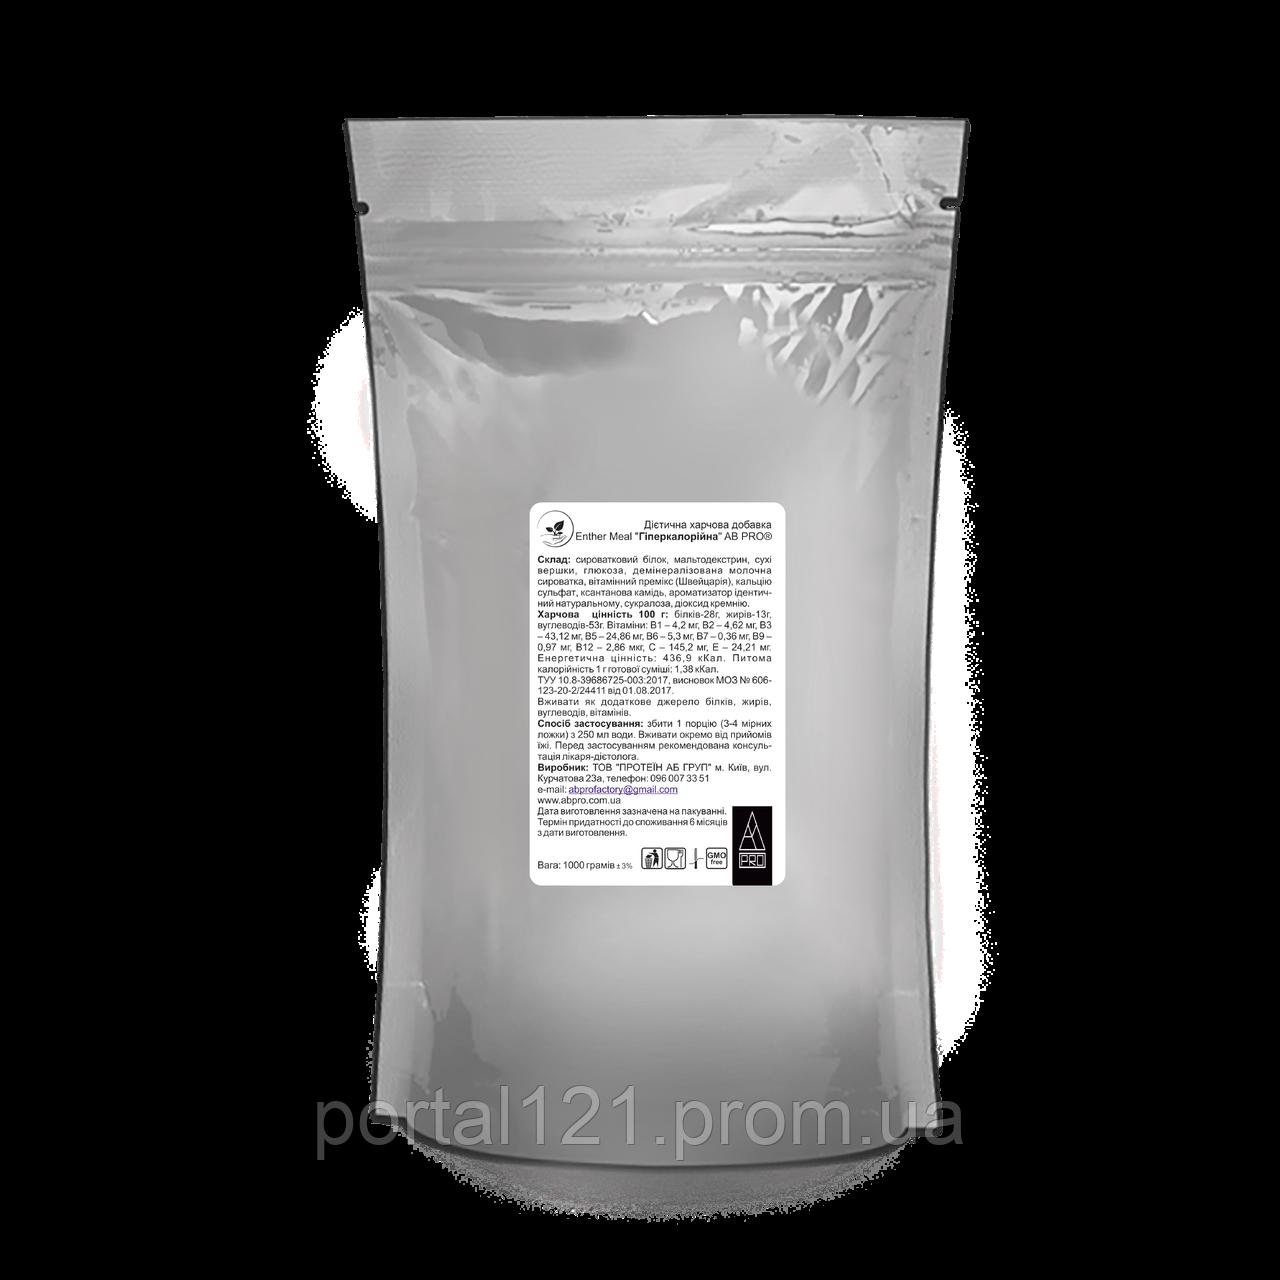 Дієтична харчова суміш Гиперкалорийная 1 кг AB PRO